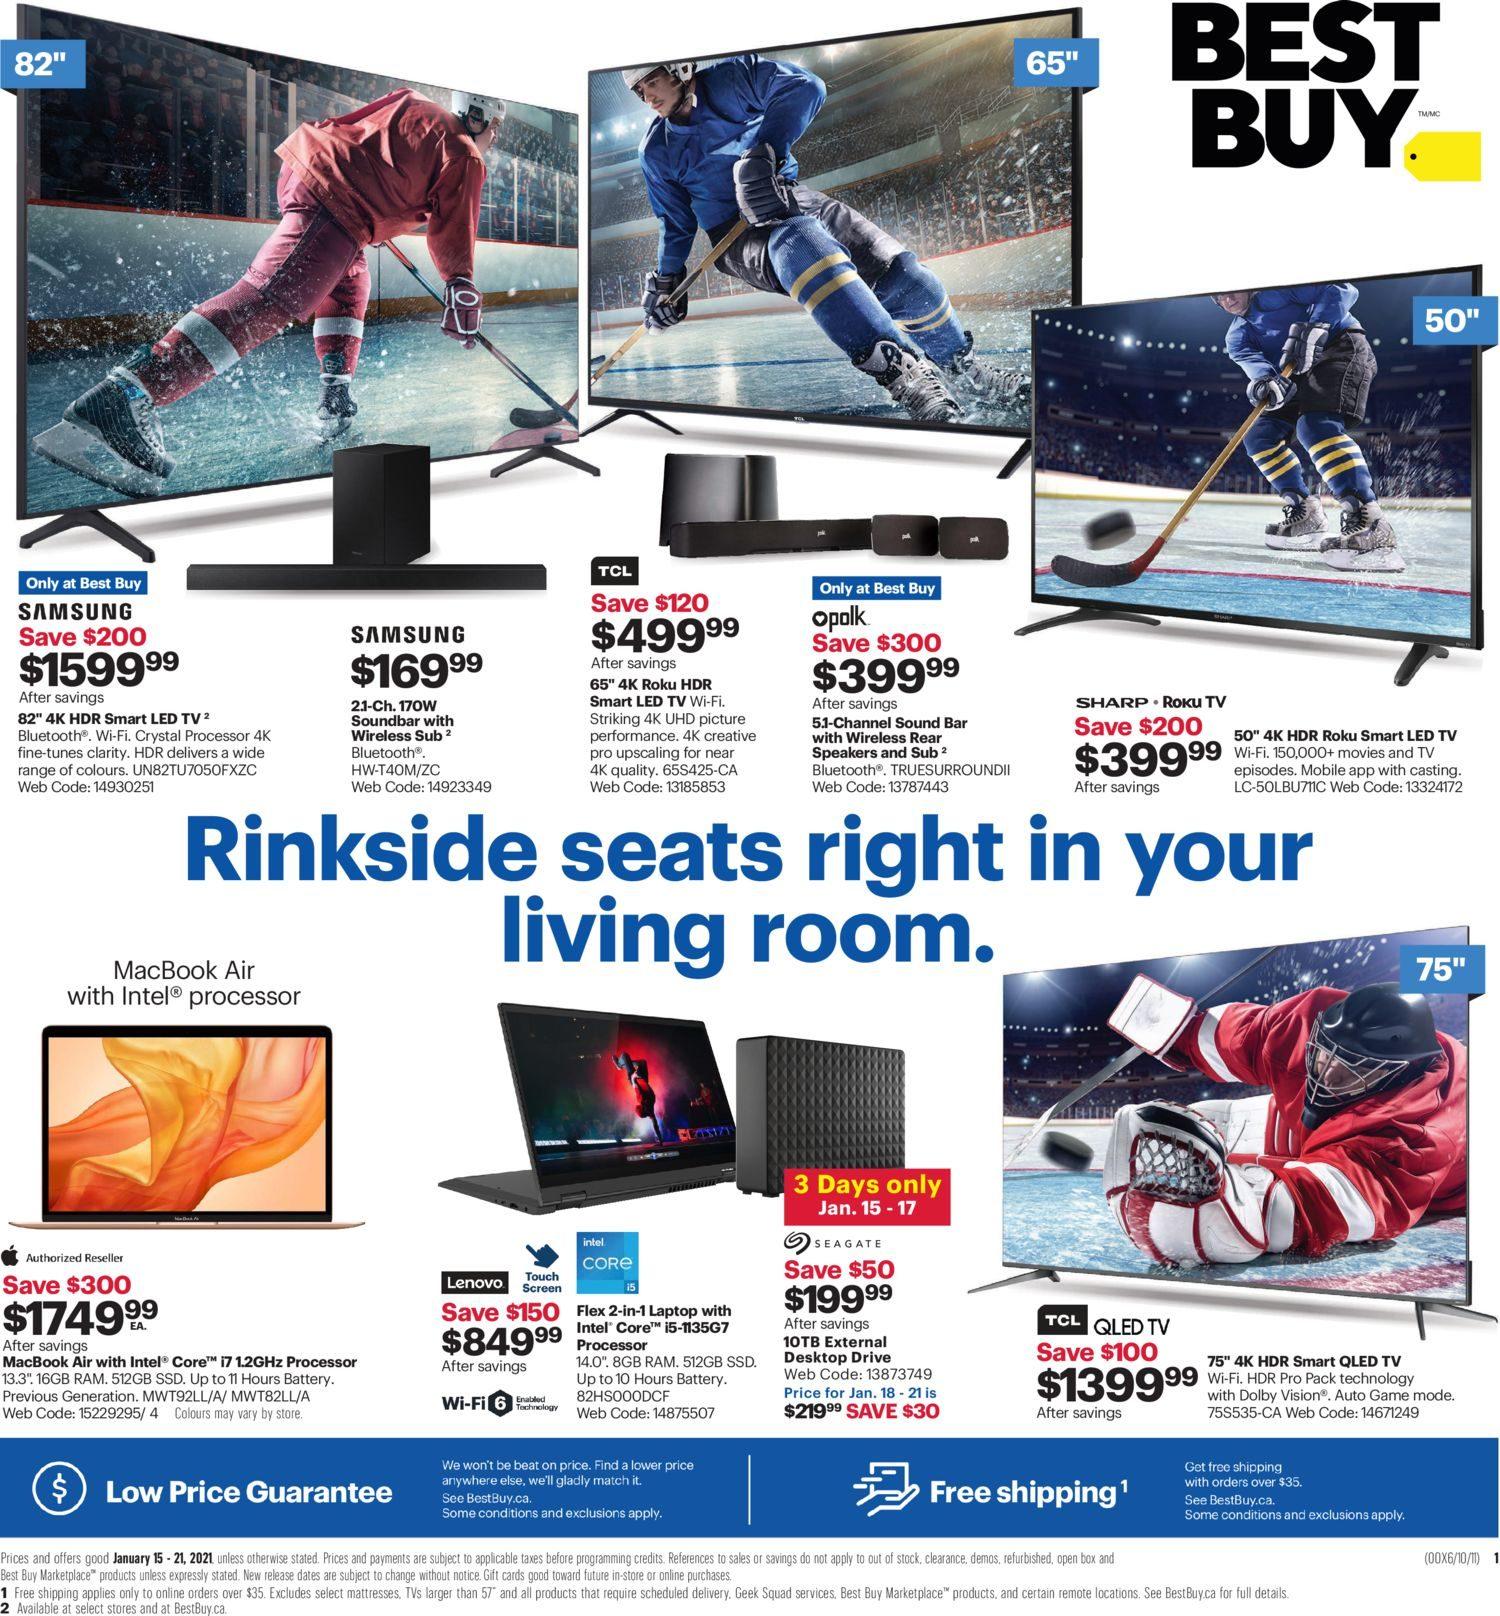 Best Buy - Weekly Flyer Specials